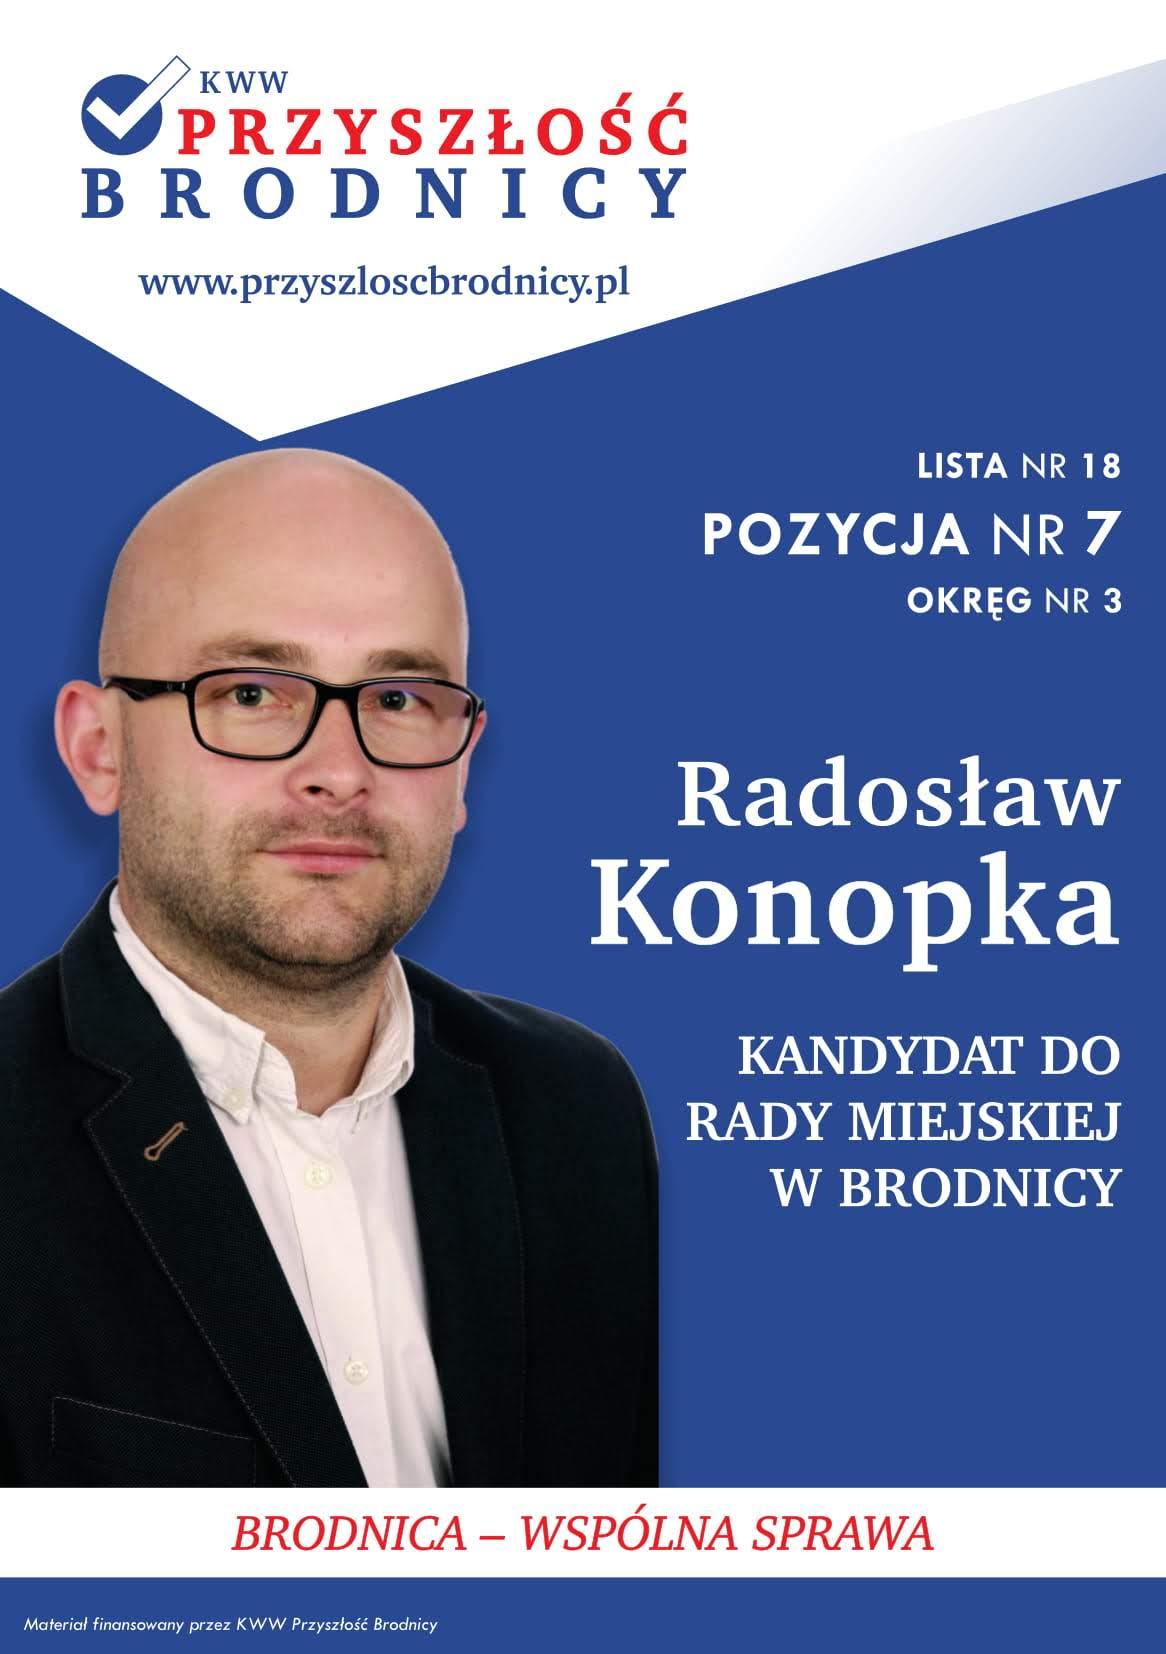 Radosław Konopka